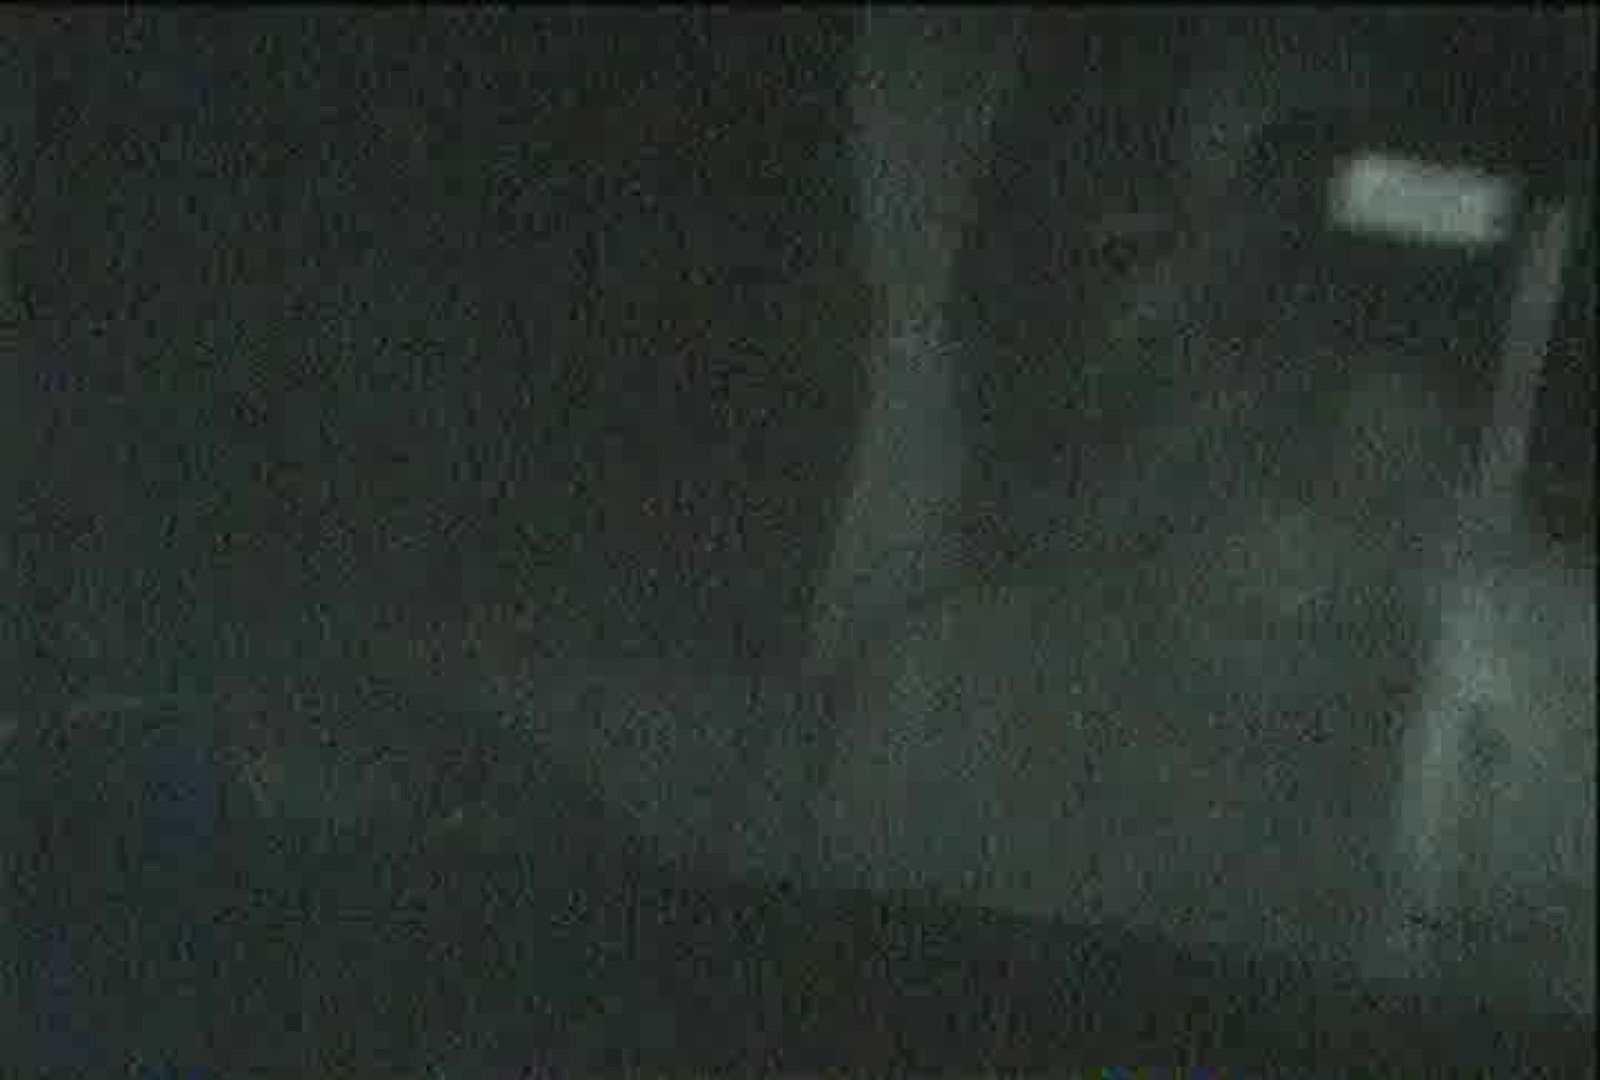 充血監督の深夜の運動会Vol.79 おまんこ特集 すけべAV動画紹介 43枚